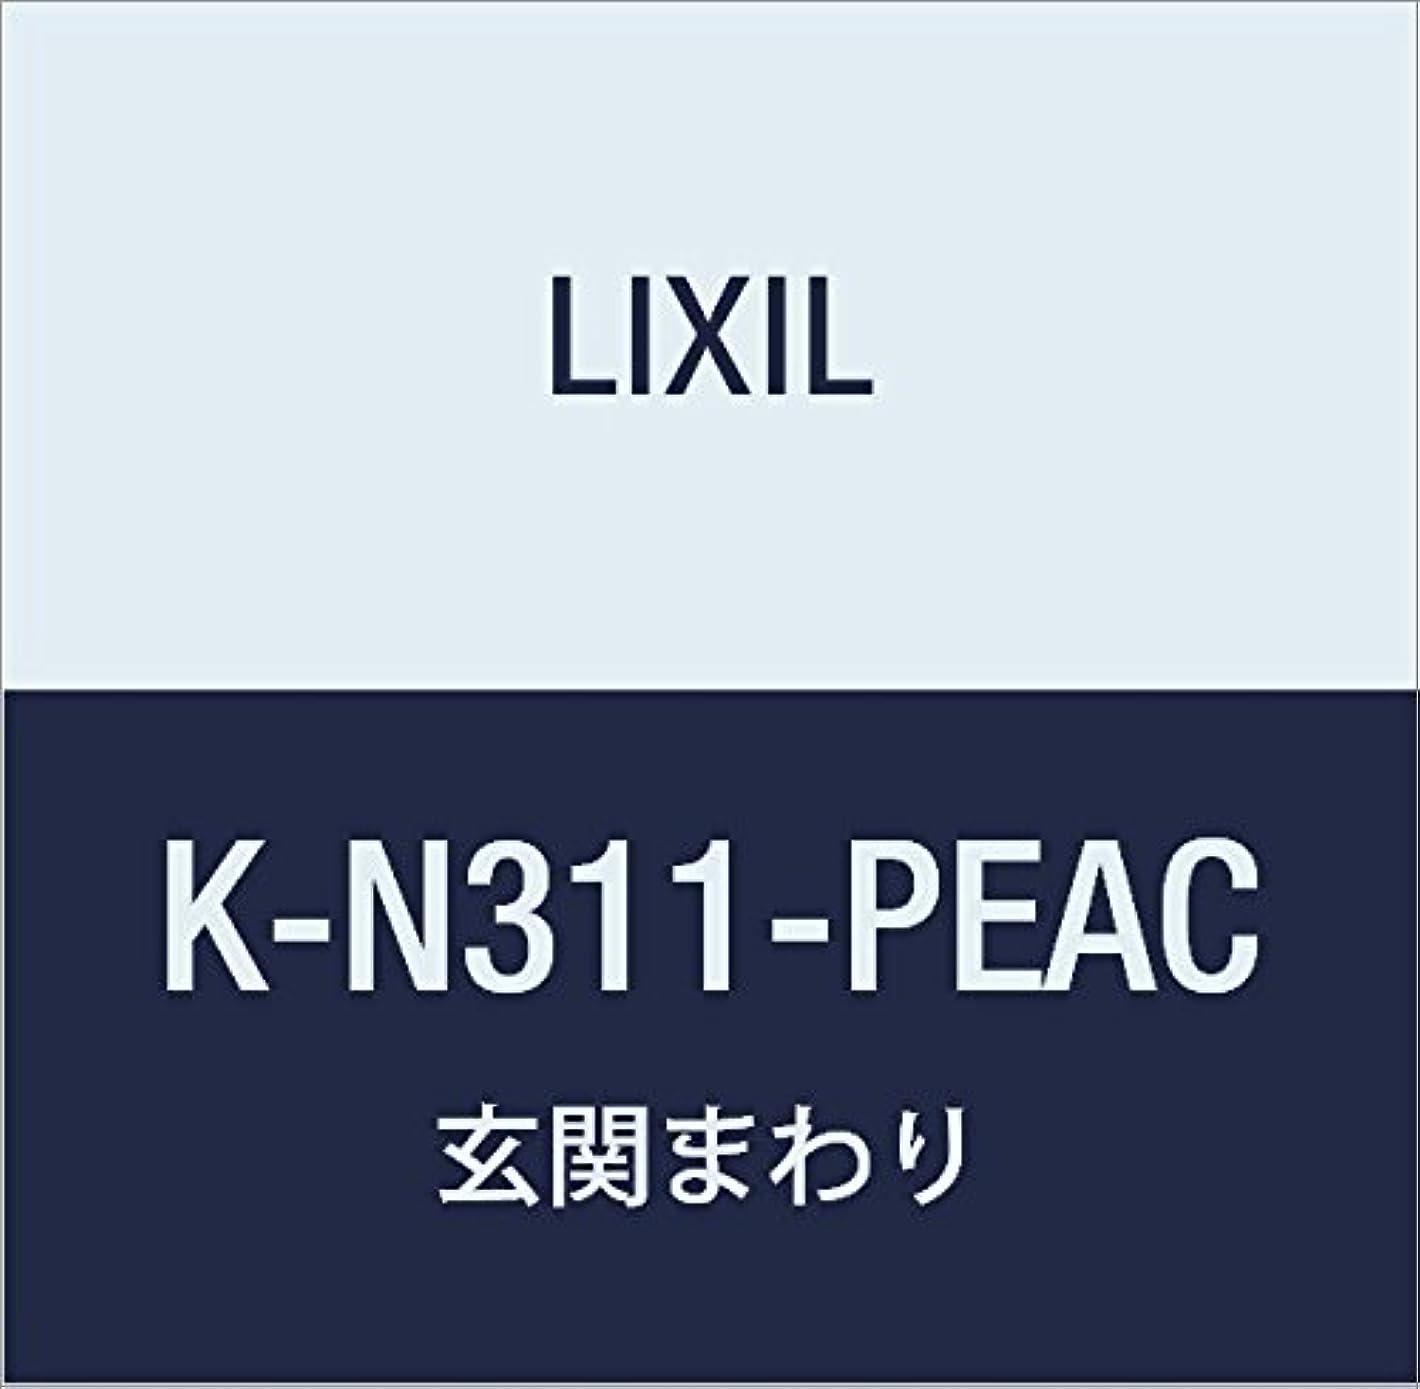 慣れている革新血まみれLIXIL(リクシル) TOEX TGK屋根桁セットW18 K-N311-PEAC